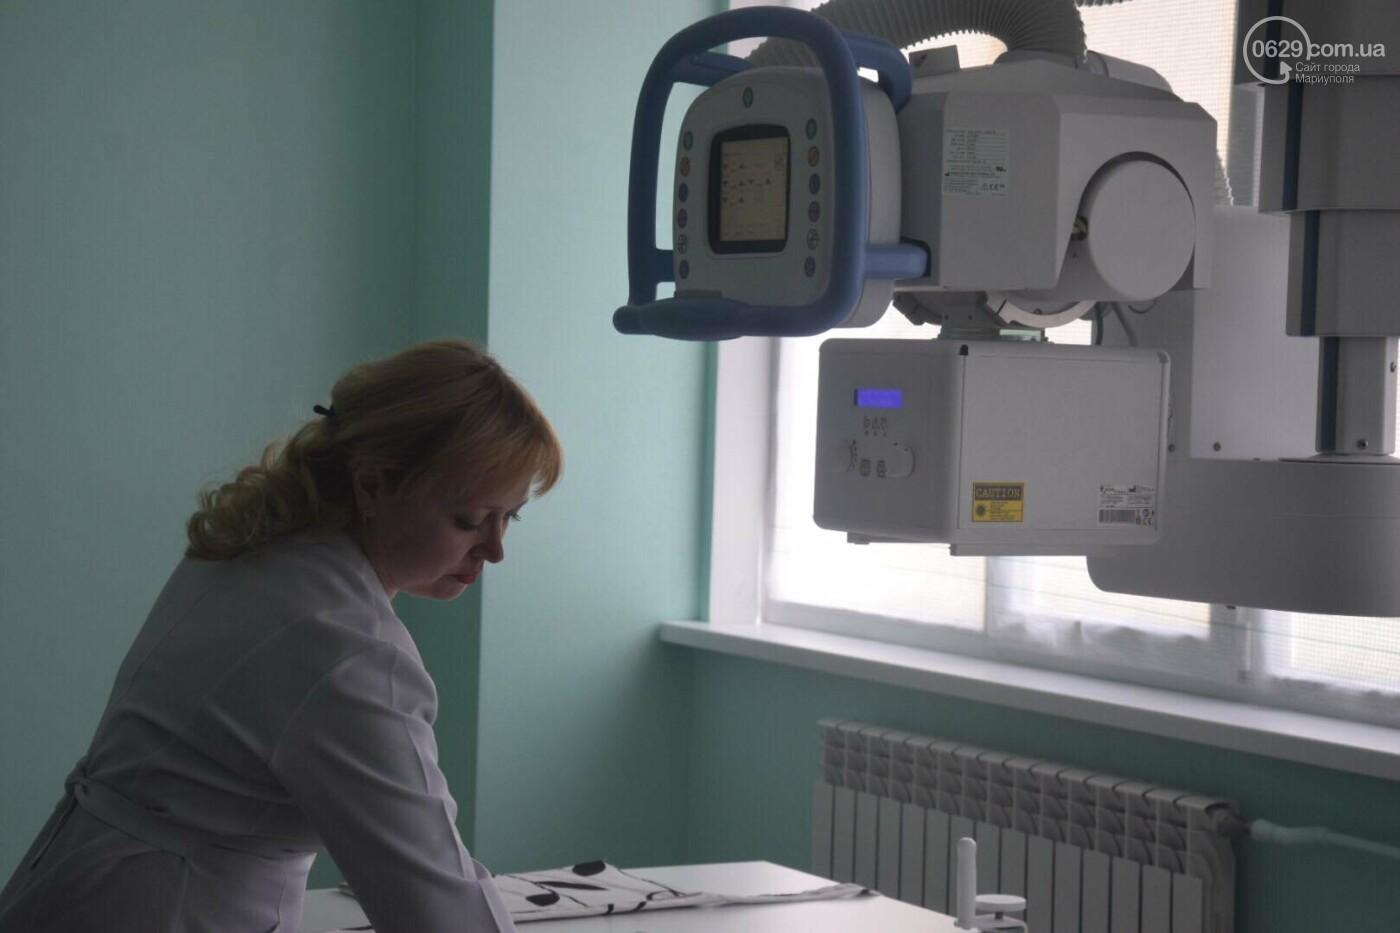 В Мариуполе Владимир Гройсман открыл детскую поликлинику и познакомился с Сережей, - ФОТОРЕПОРТАЖ, ВИДЕО, фото-29